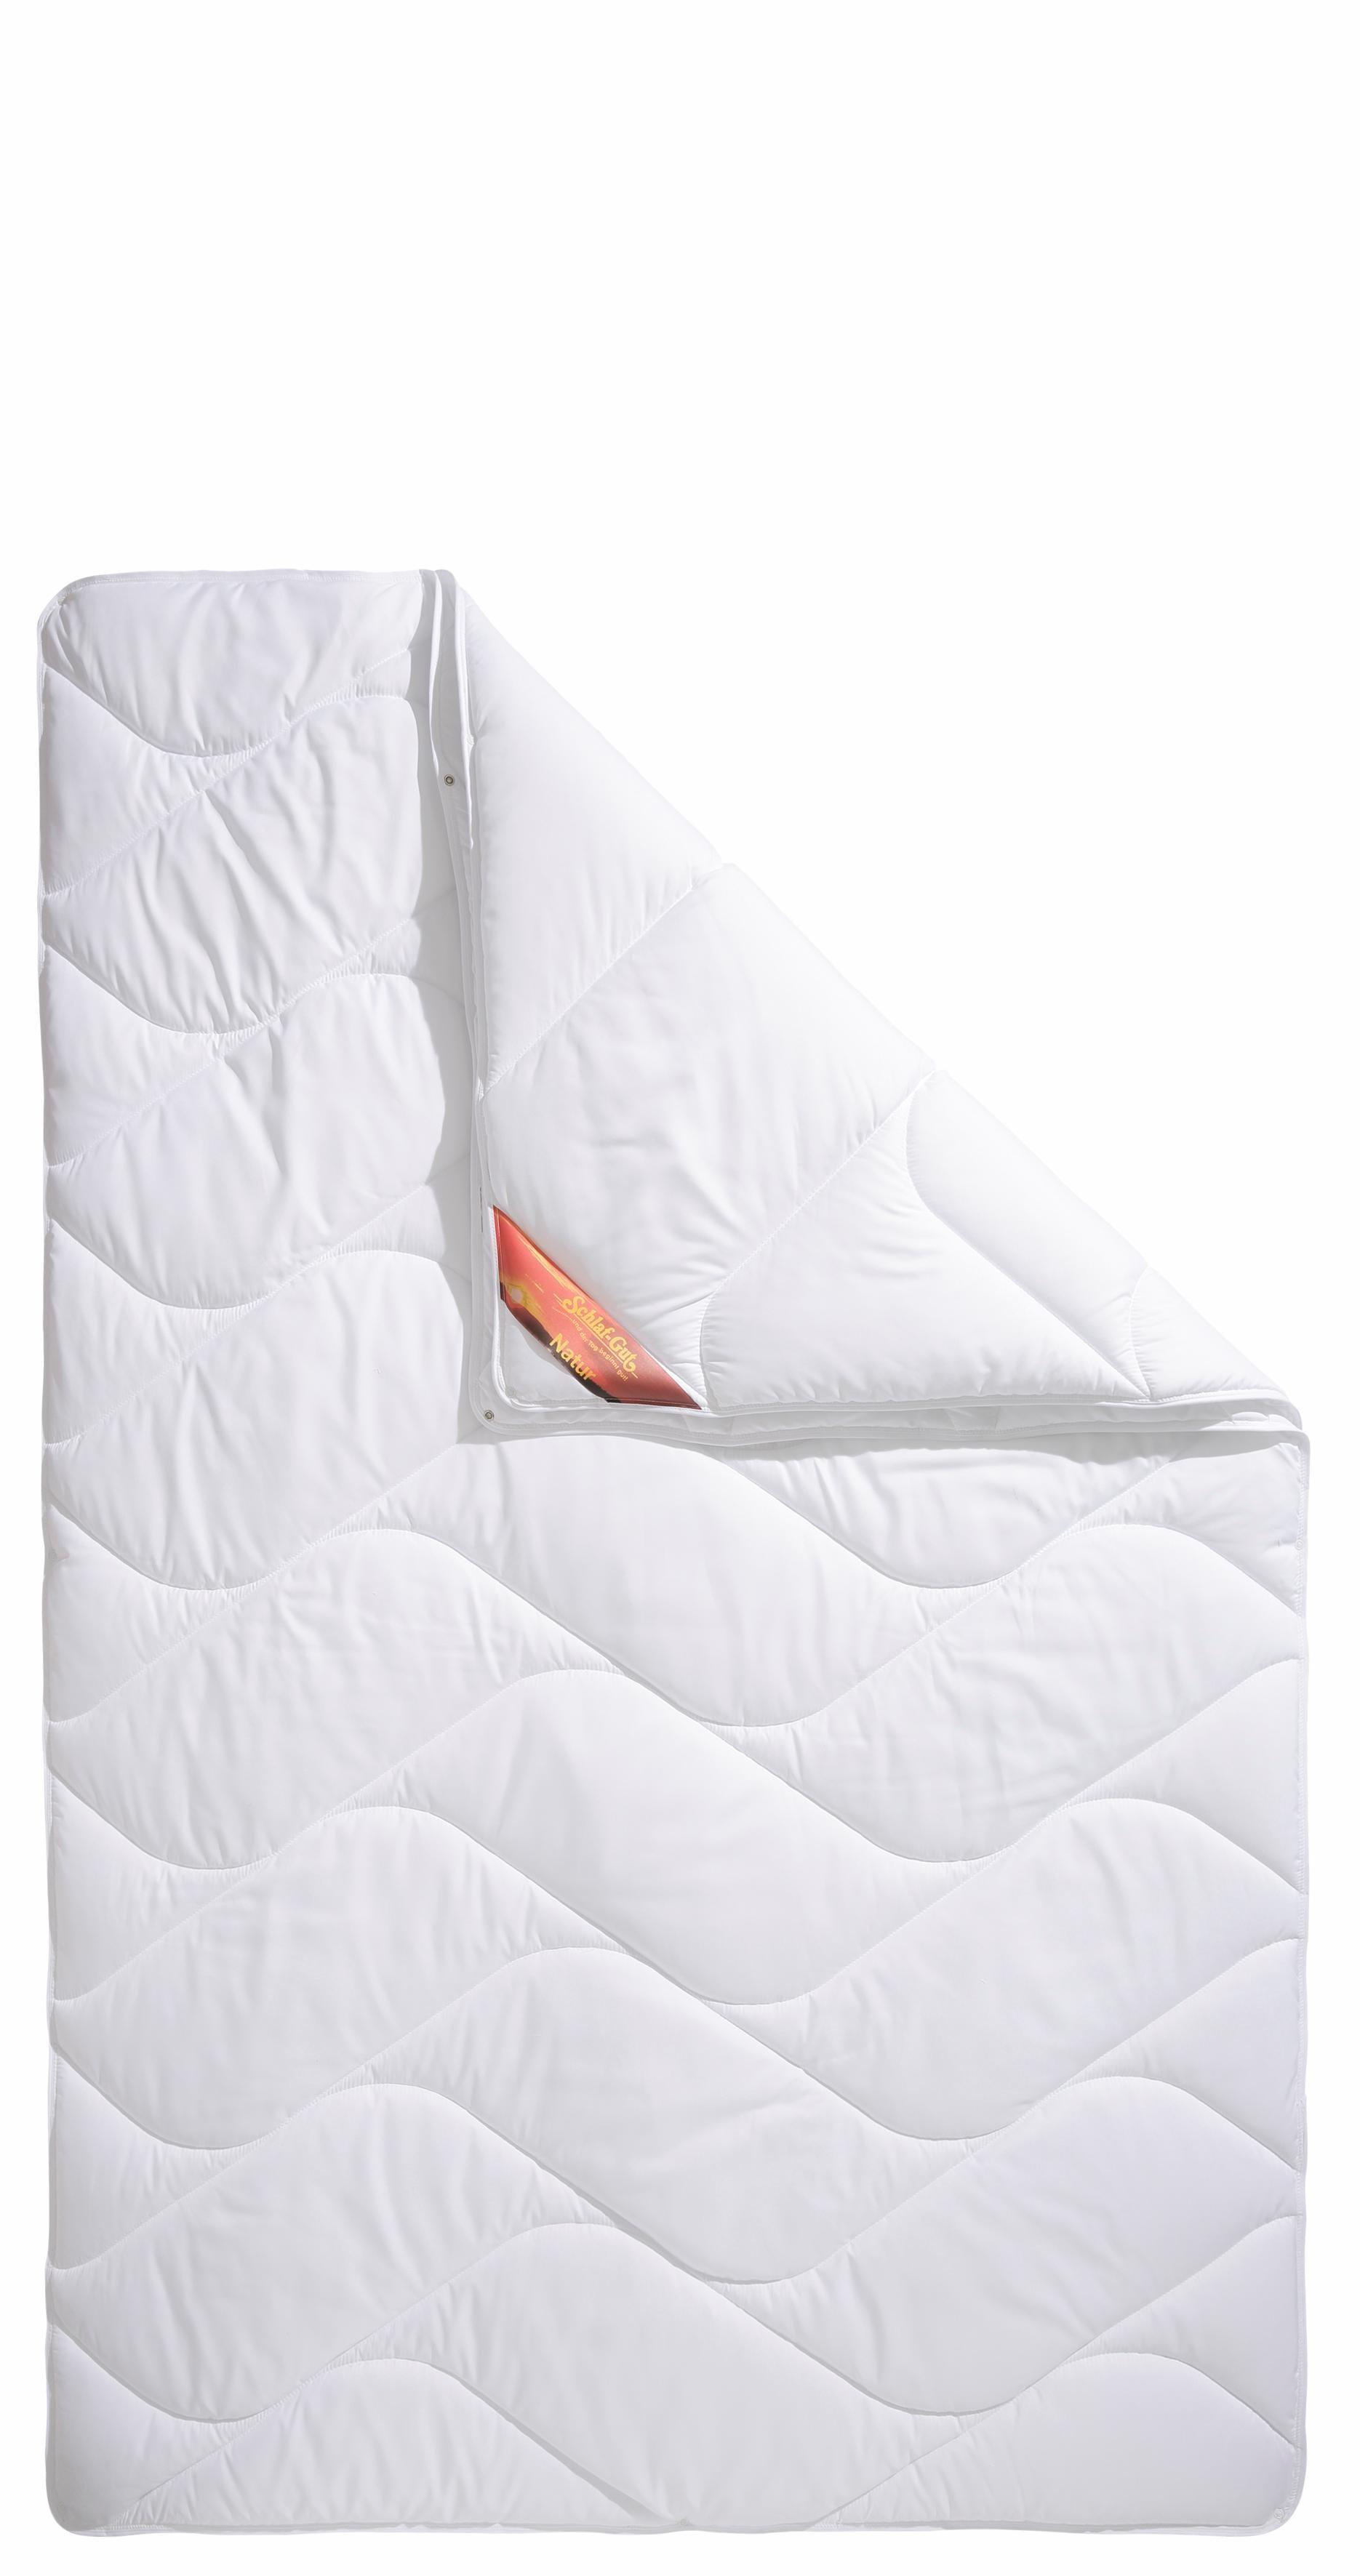 4-Jahreszeitenbett Proneem m BW-Bezug Schlaf-Gut 4-Jahreszeiten